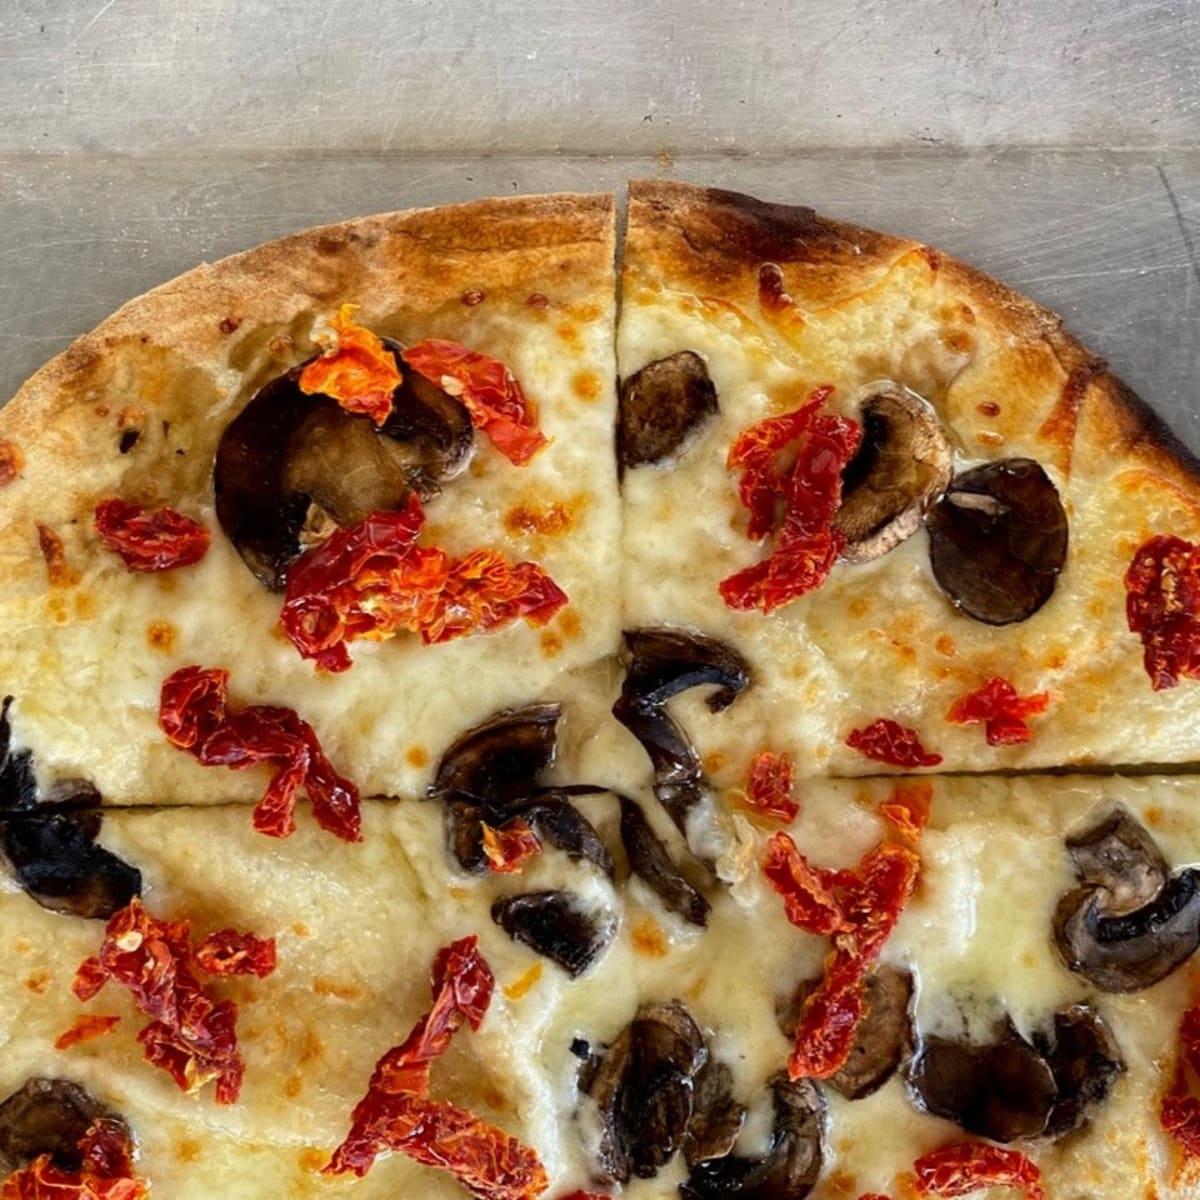 Olivella's Pizza